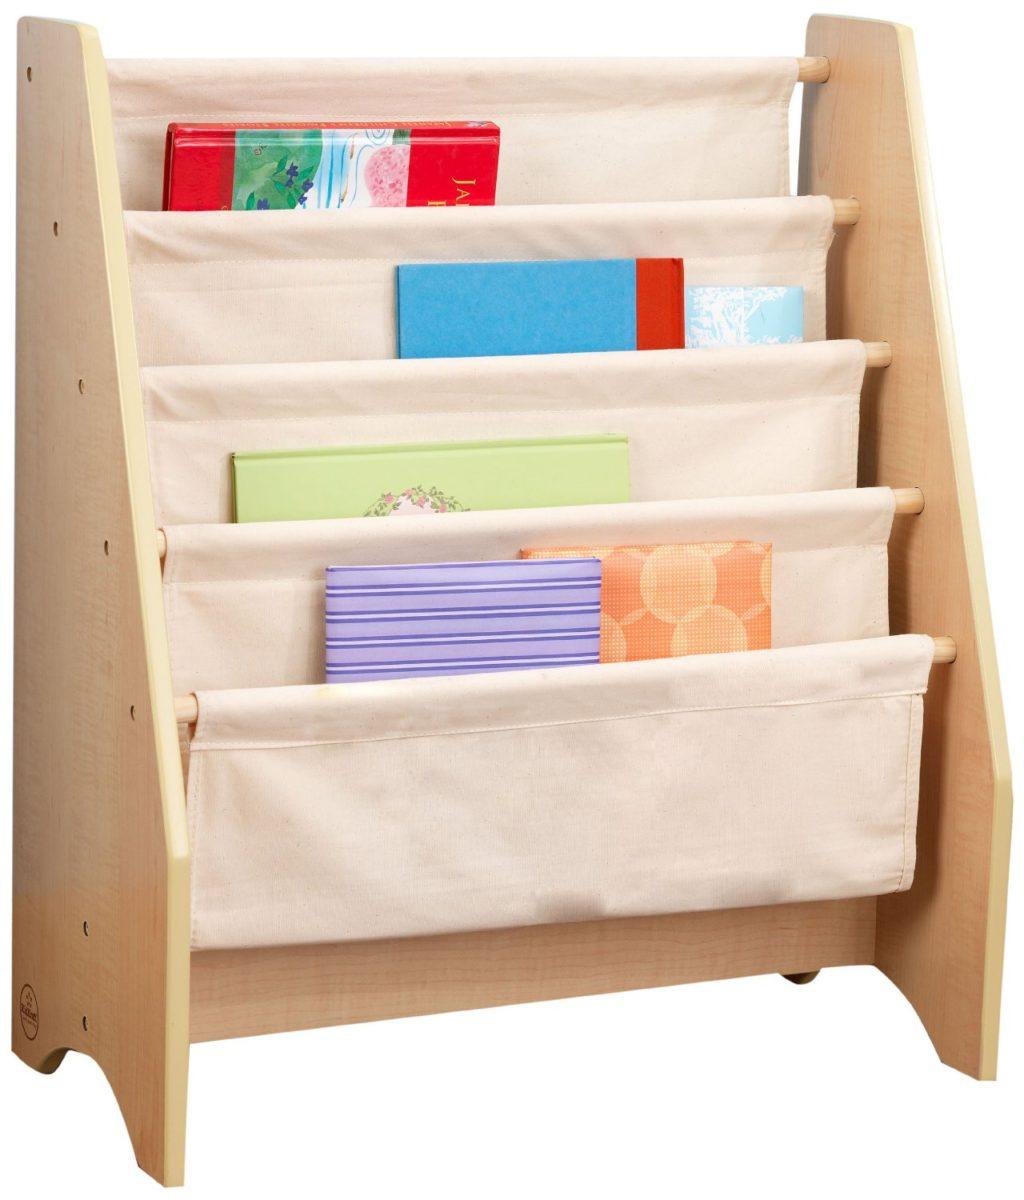 KidKraft Sling Bookshelf